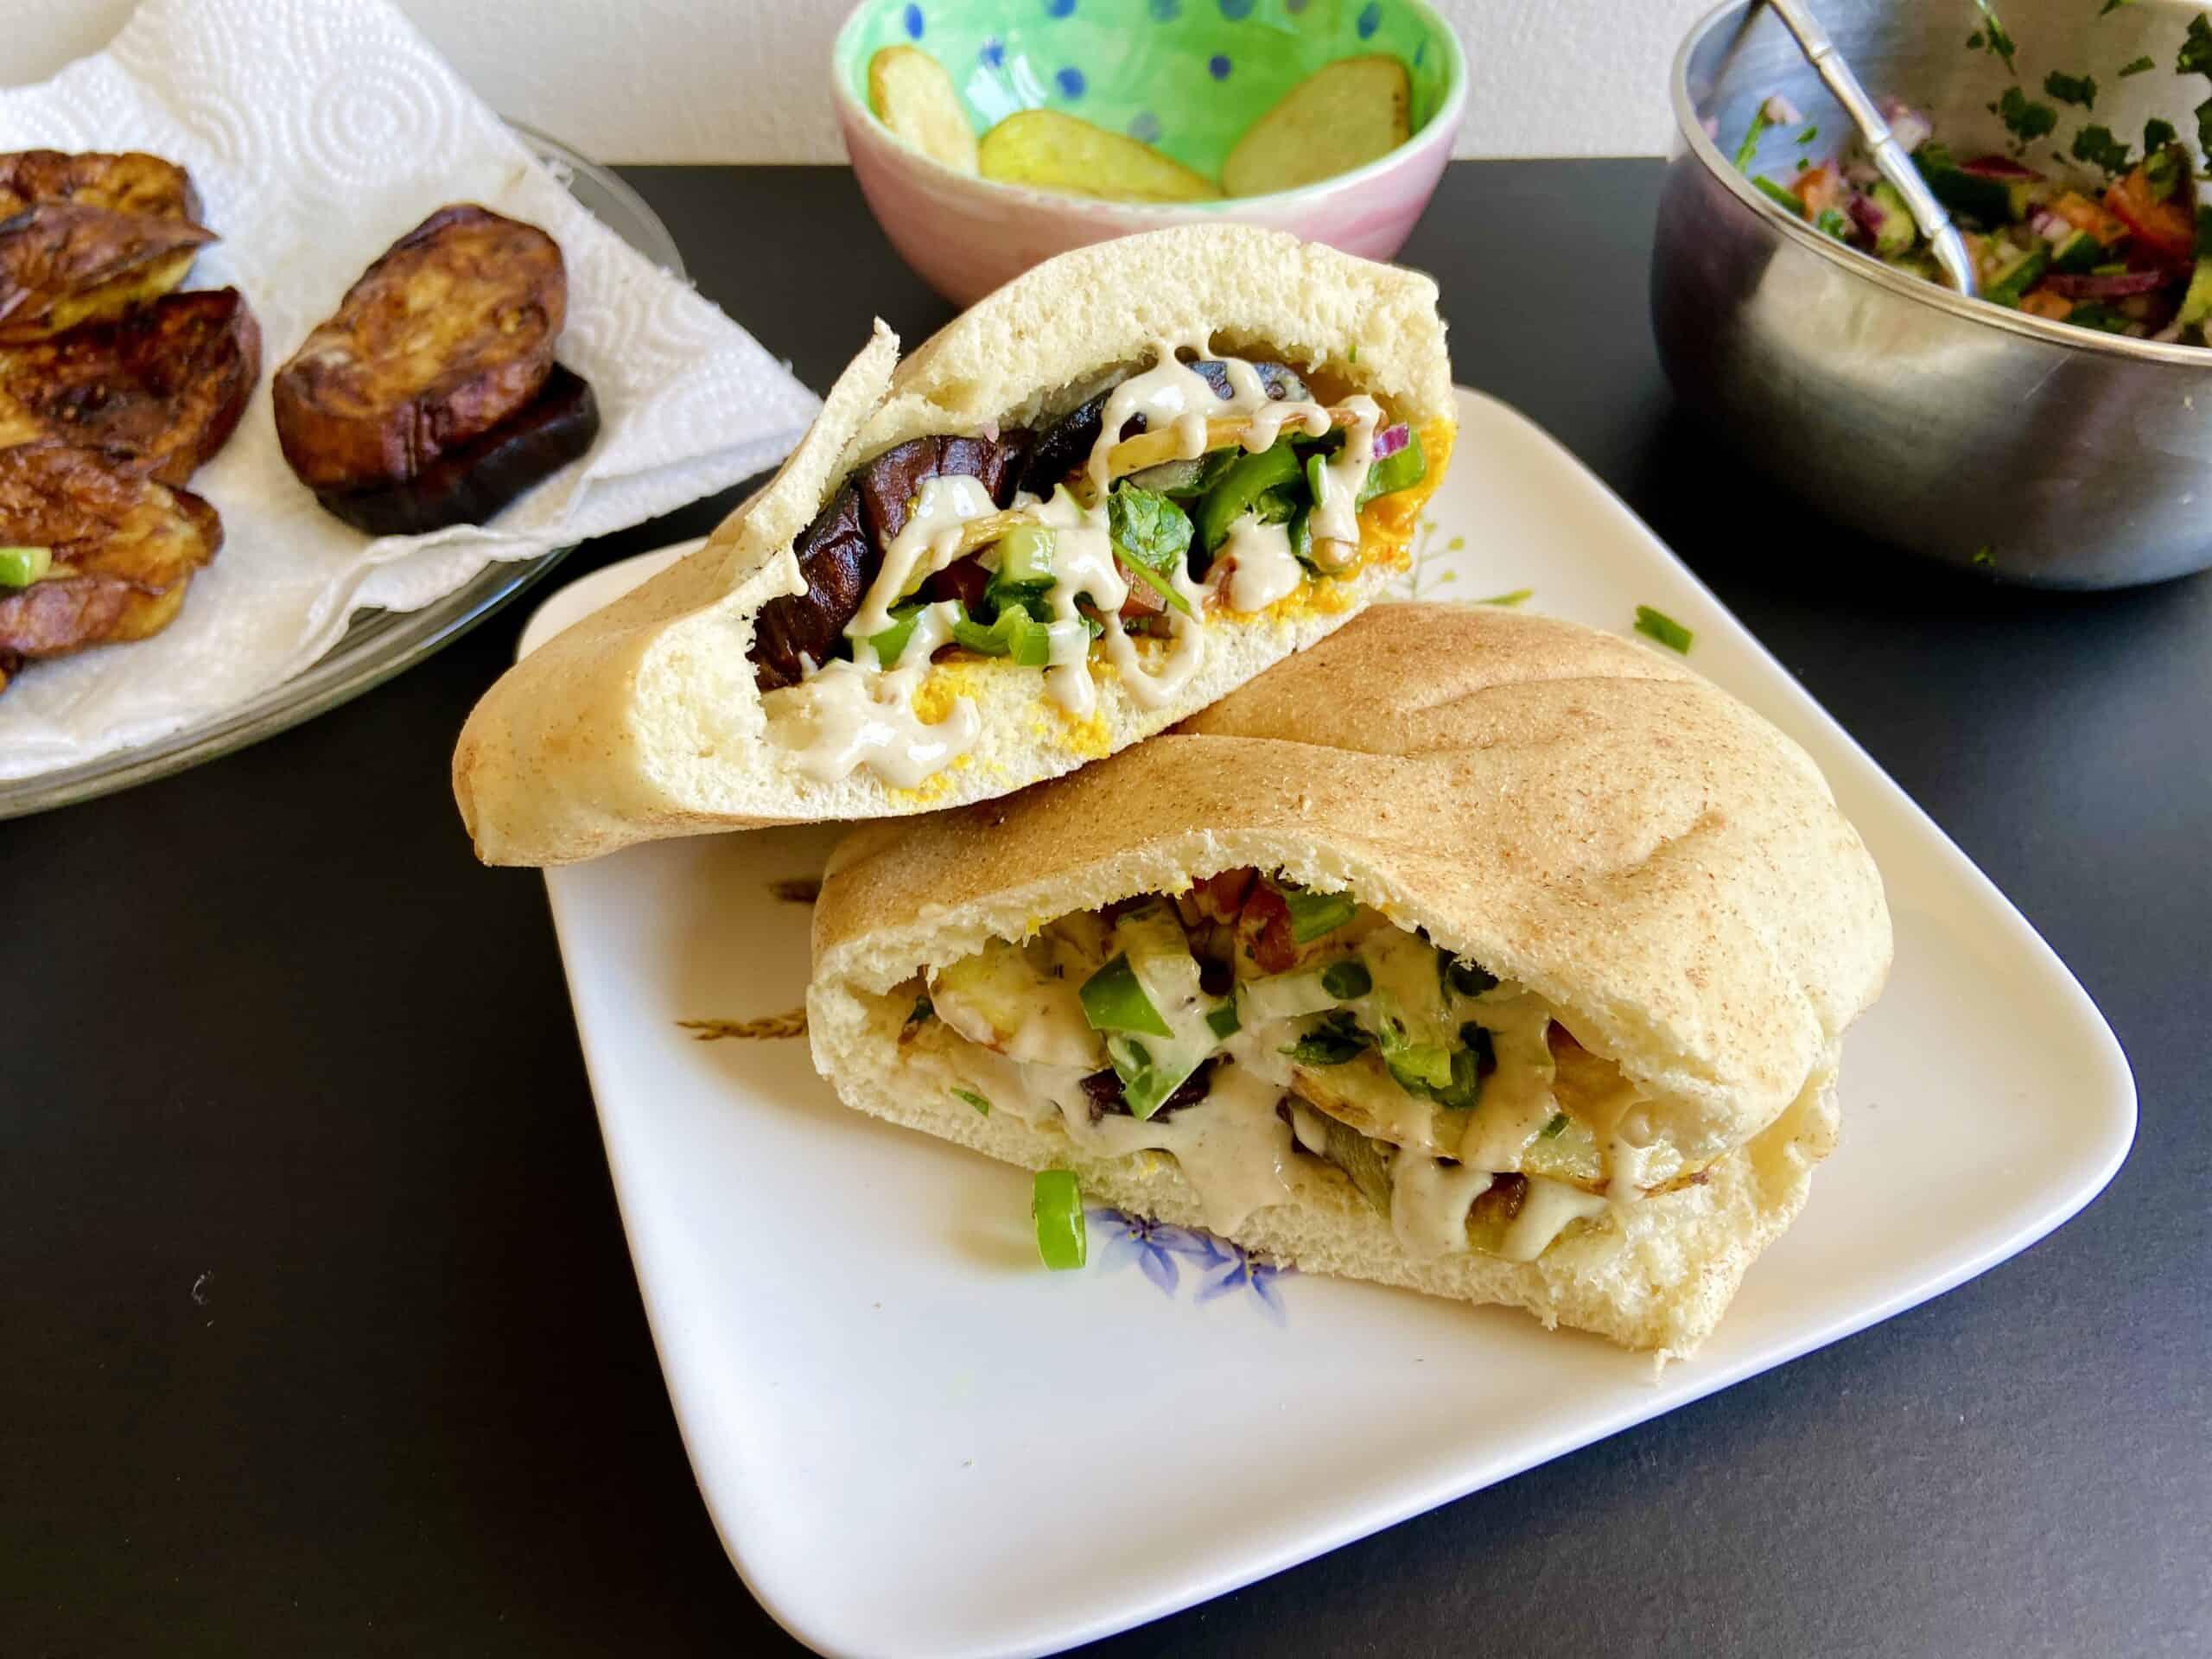 Vegan Eggplant Sandwich (Sabich)